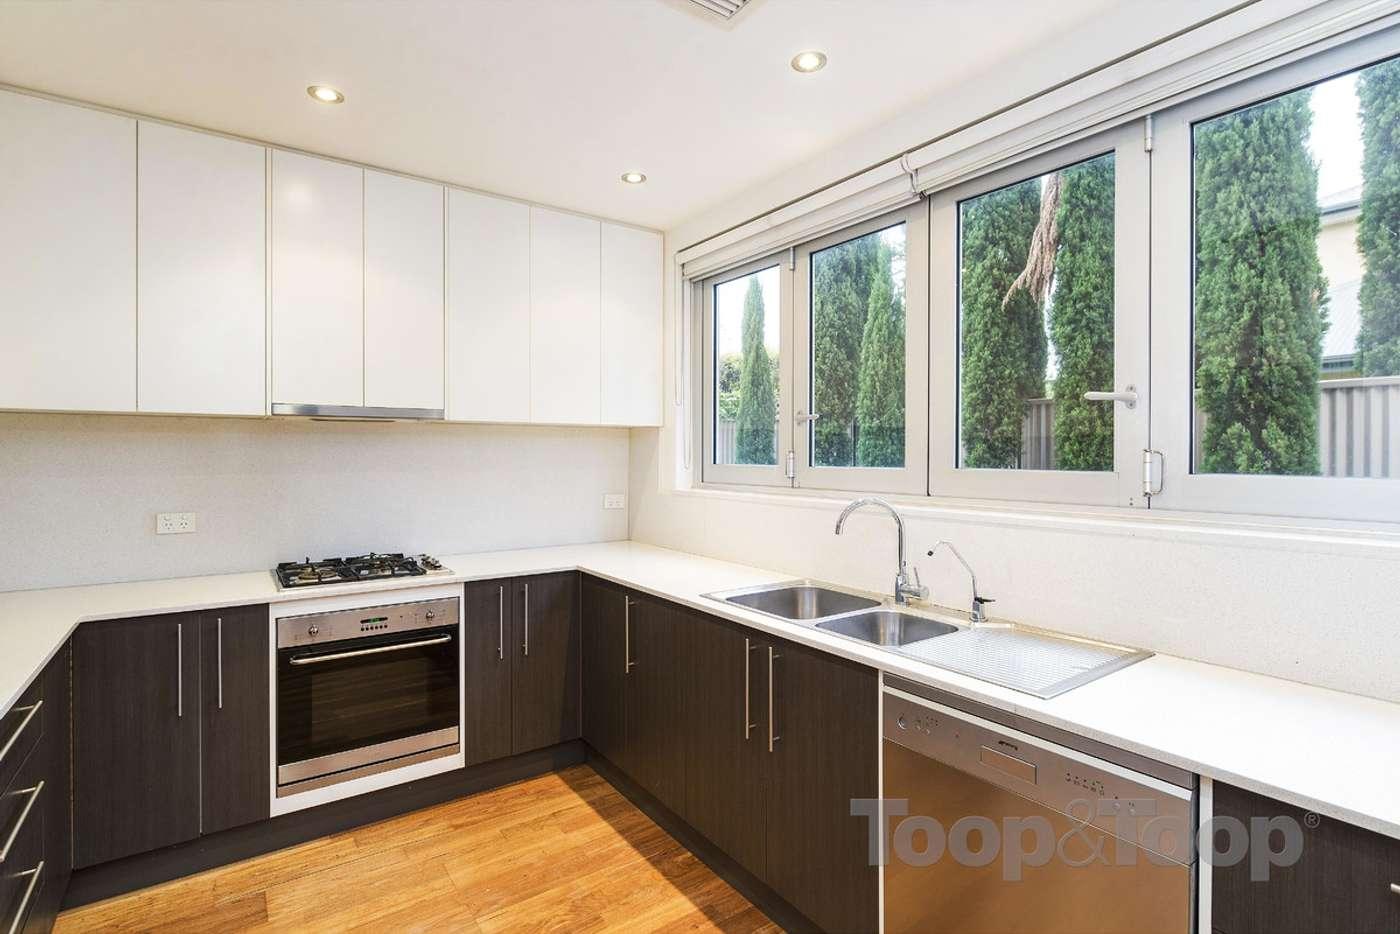 Seventh view of Homely house listing, 3 Eitzen Street, Glenelg SA 5045